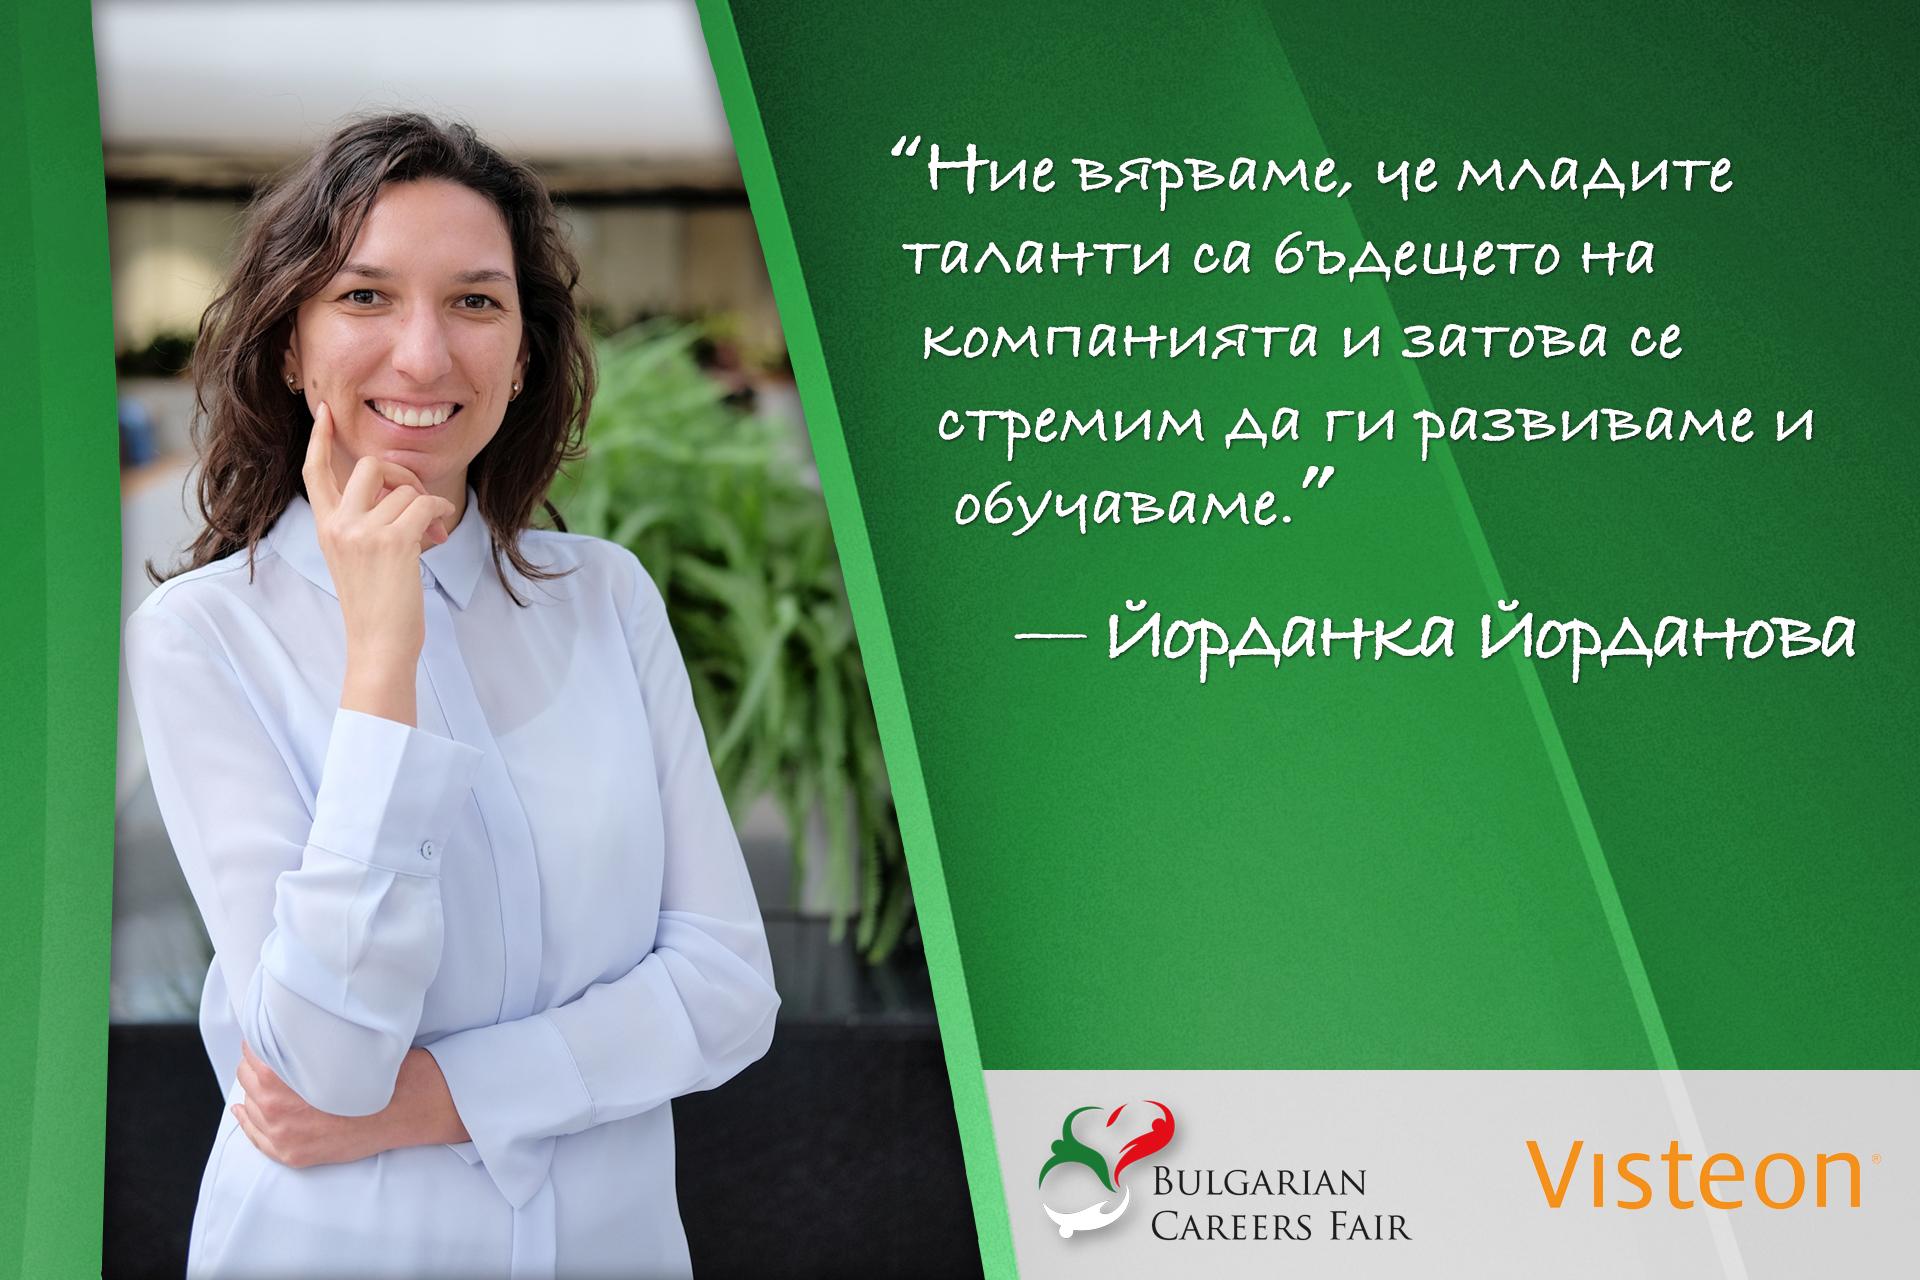 Yordanka-Yordanova_quote